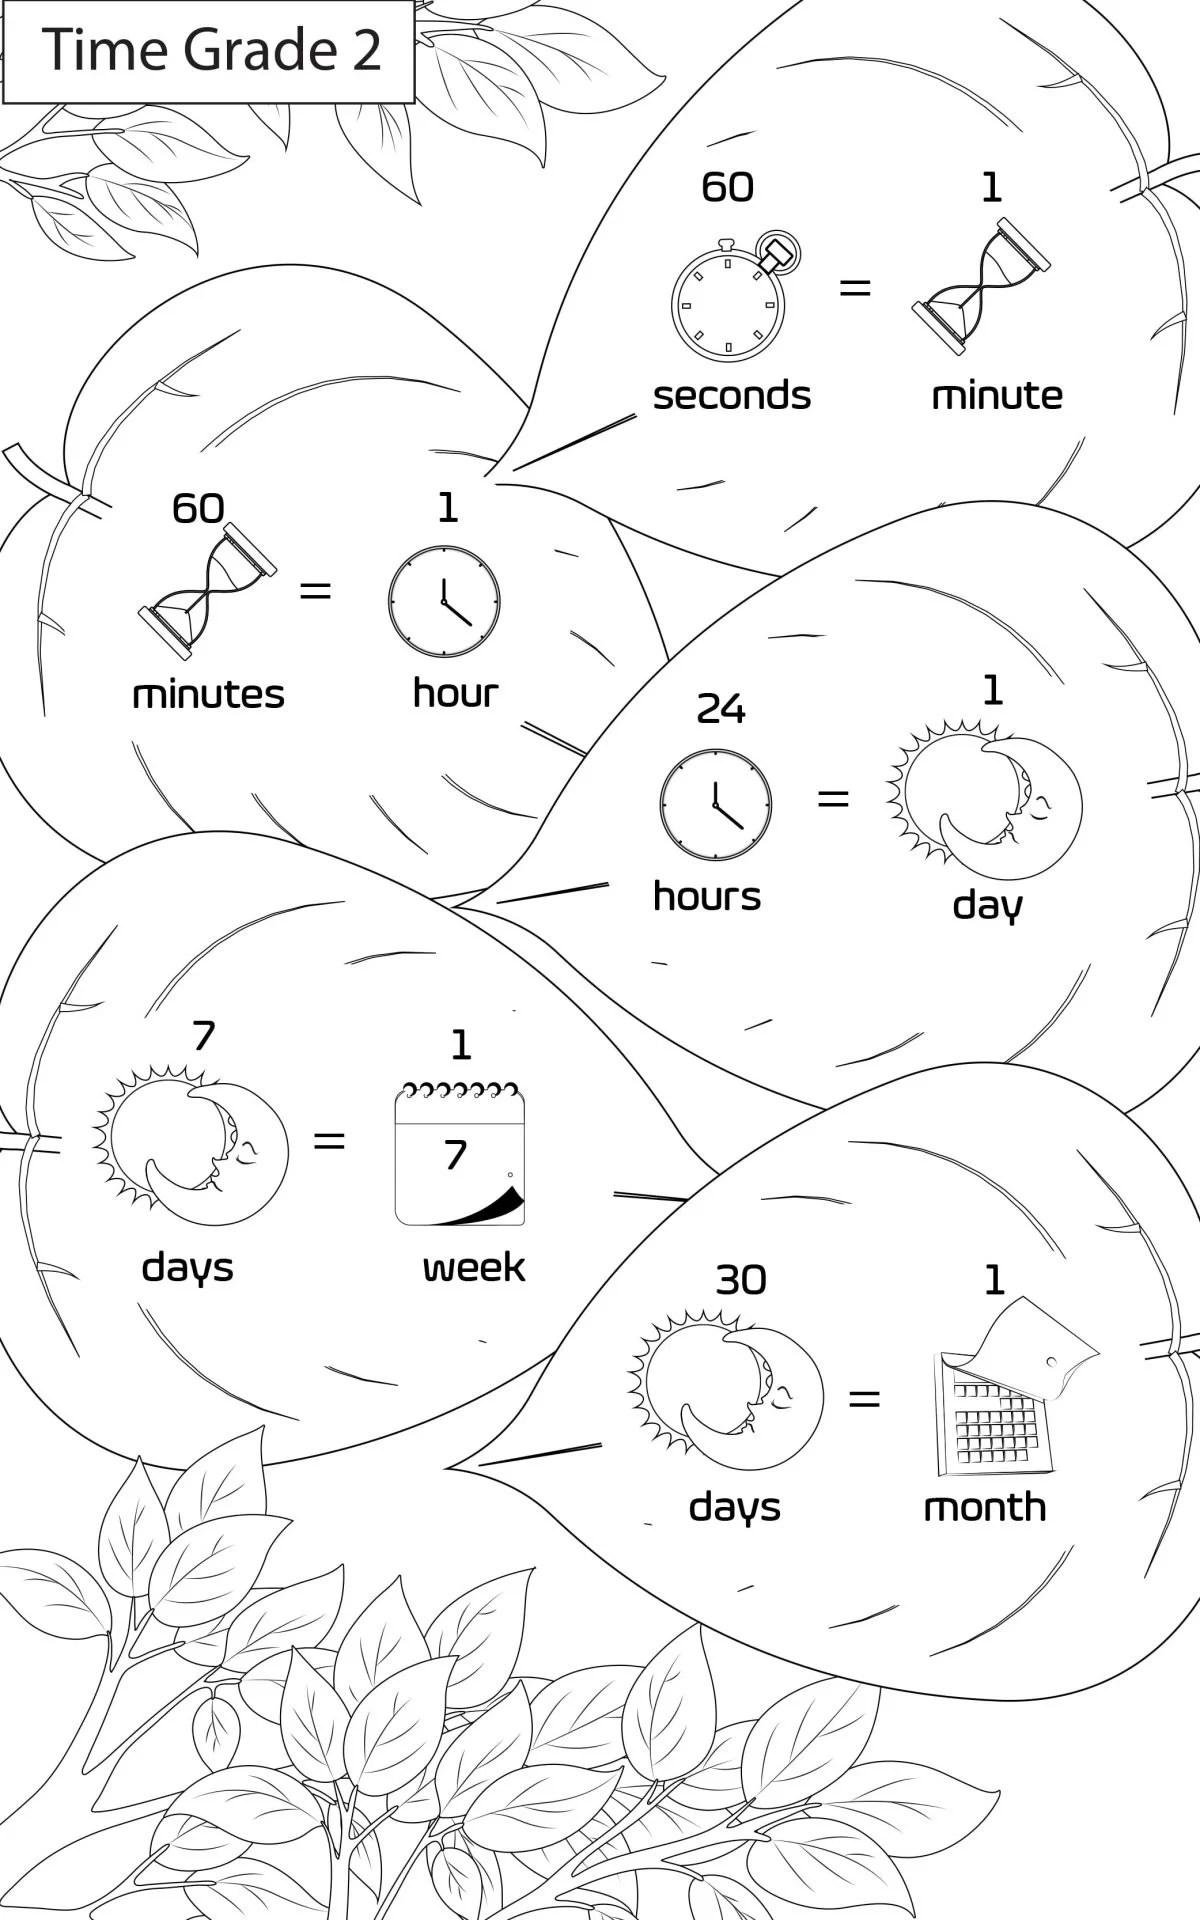 Maths Worksheets Grade 2 Workbook Concept Time